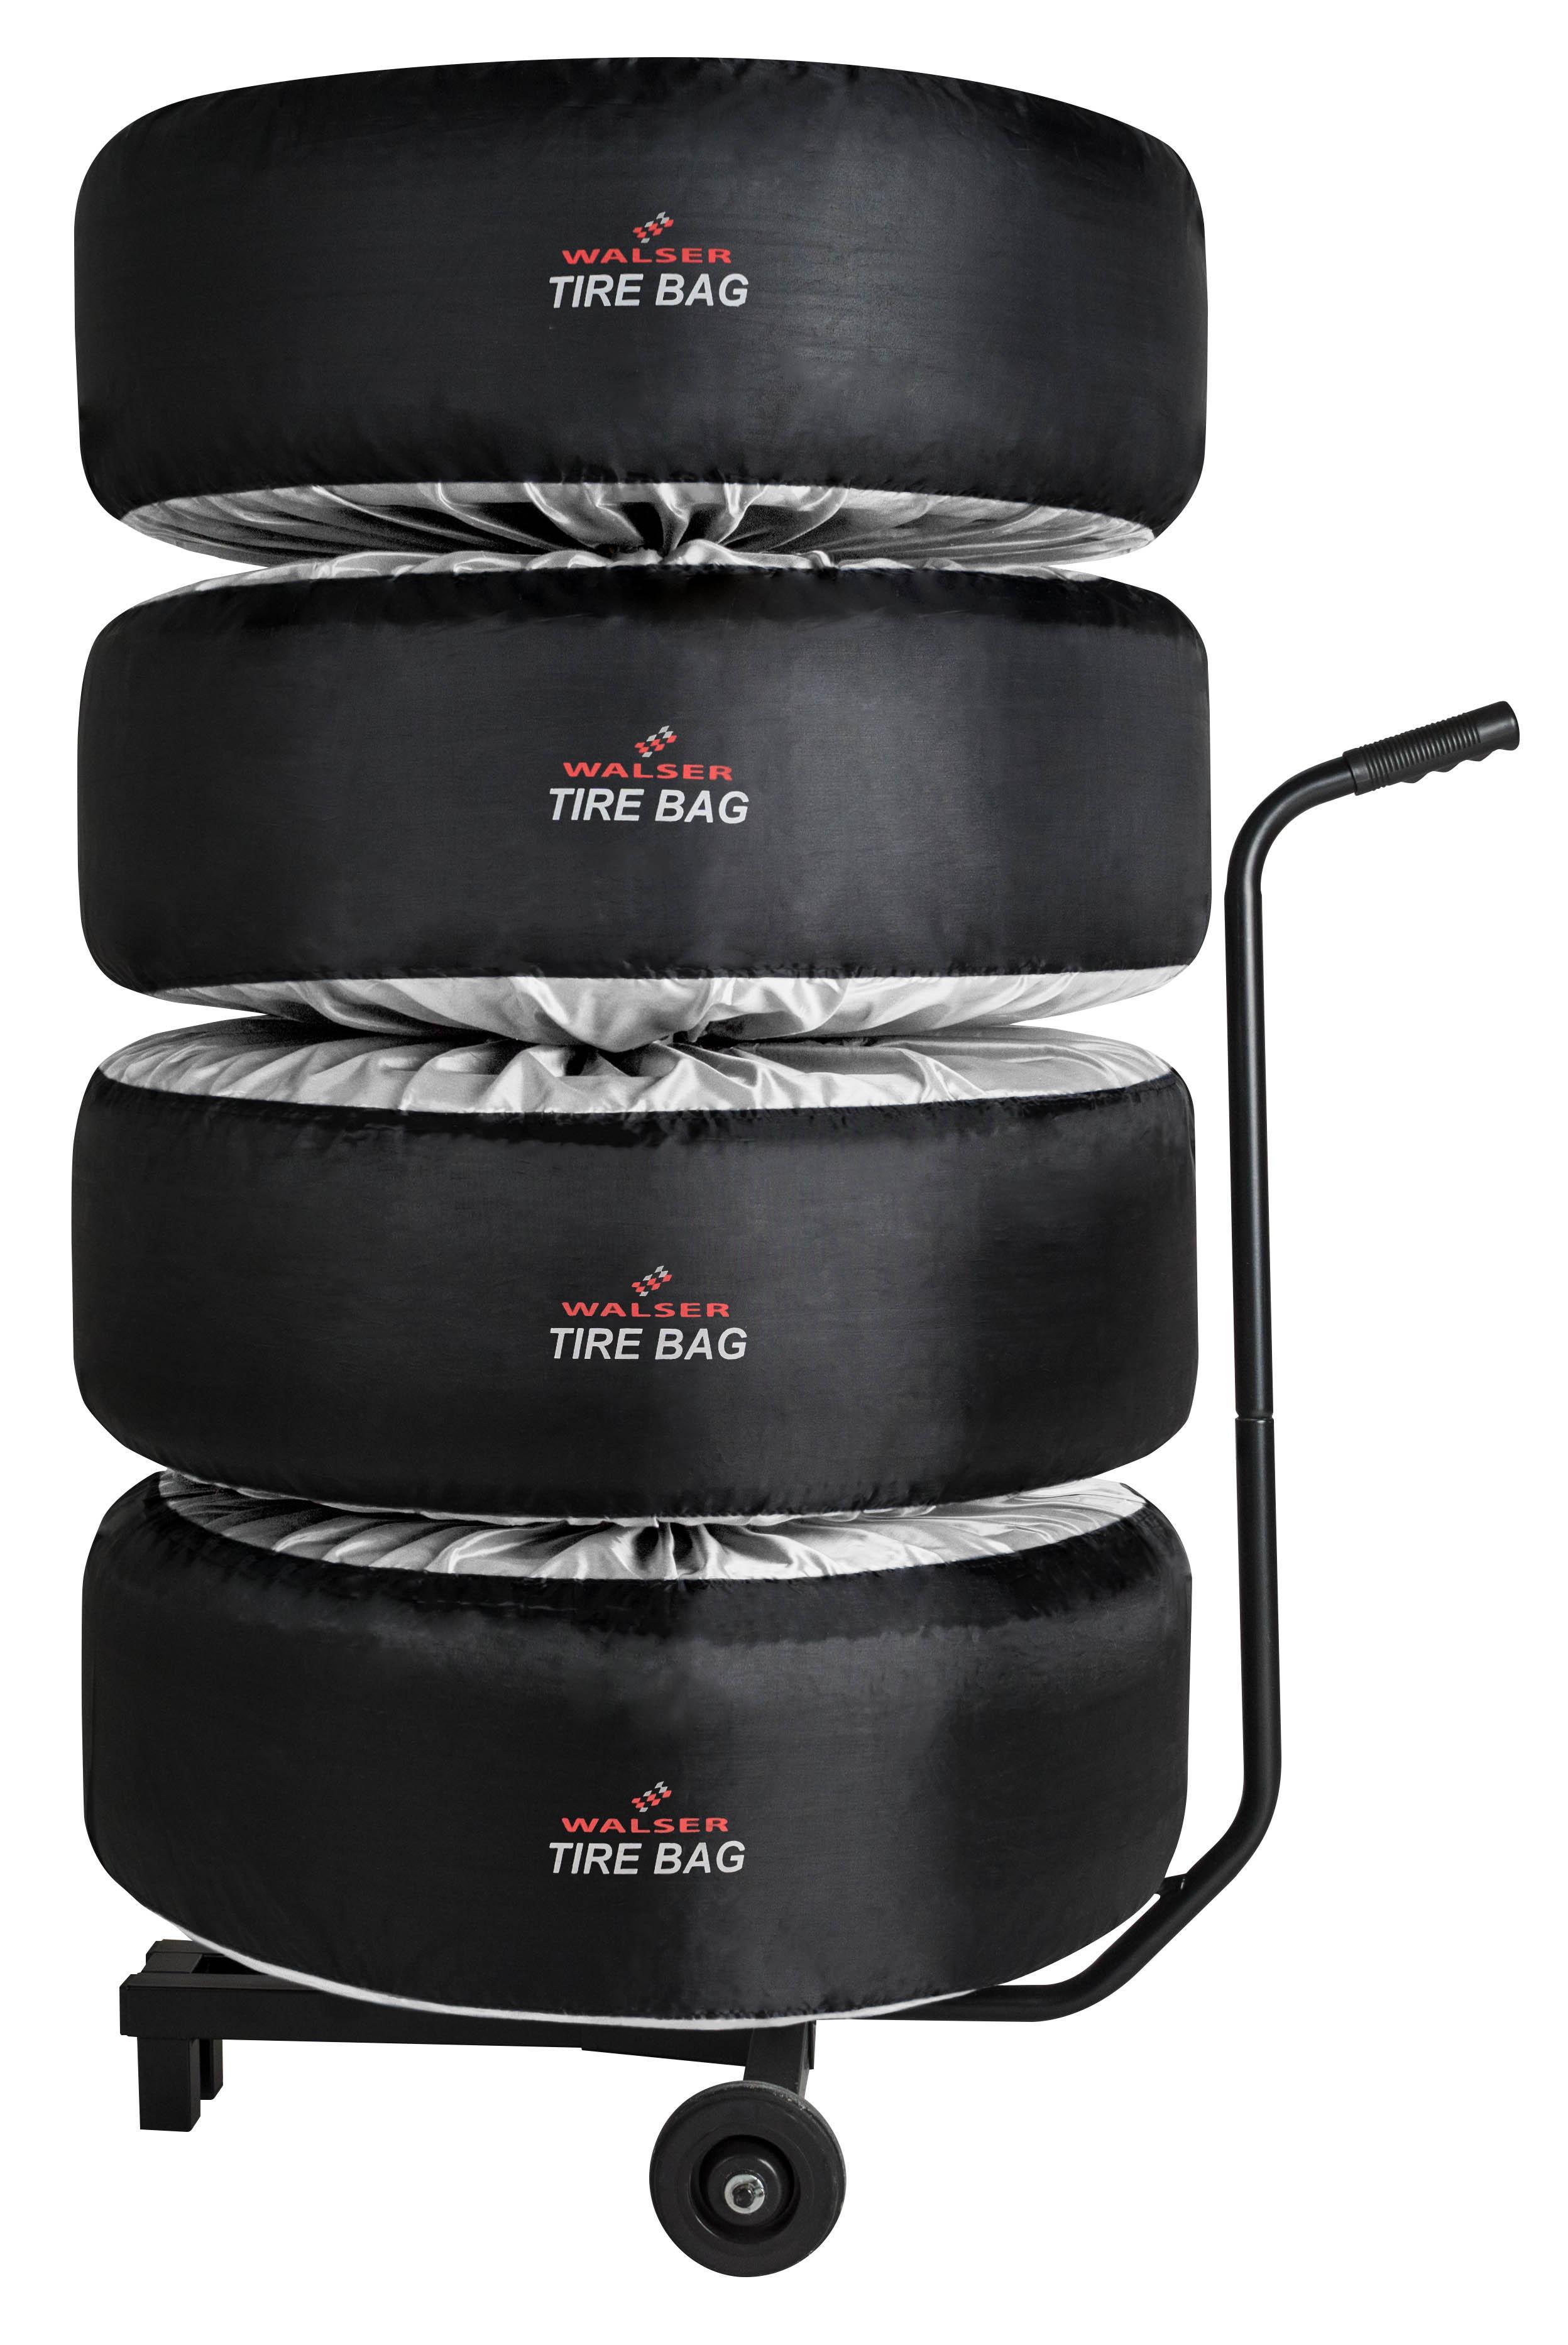 13711 Sacche per pneumatici WALSER qualità originale